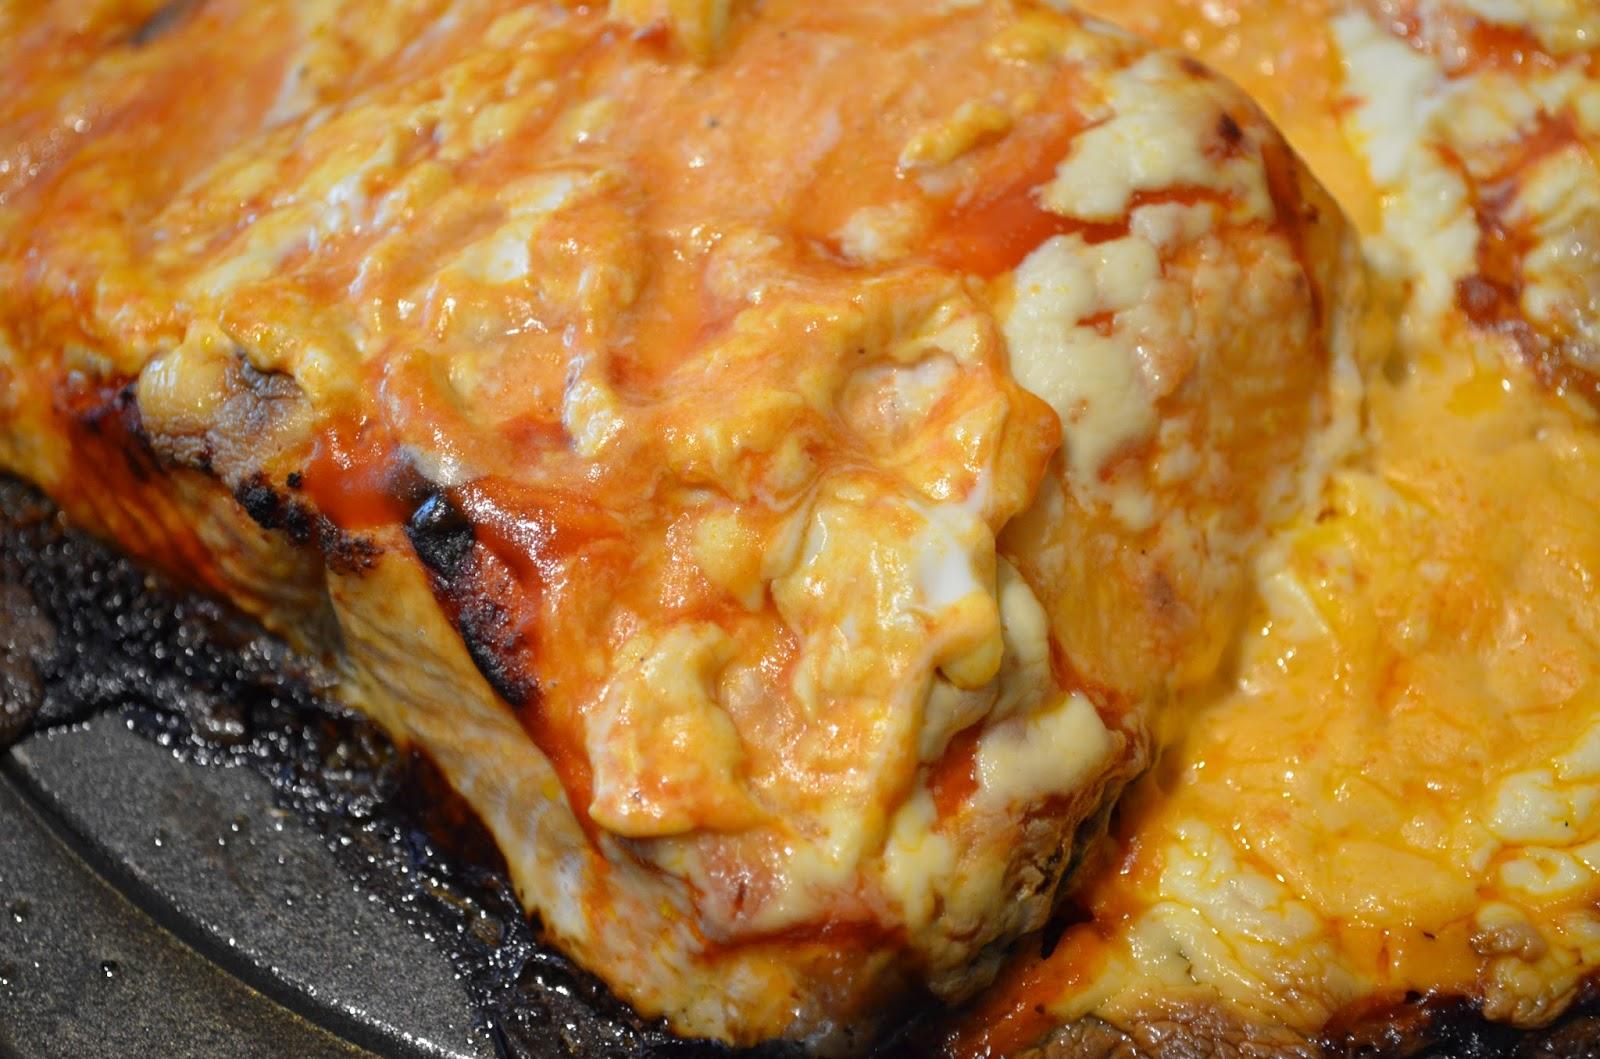 Mdcocinaymas salm n con salsa de nata y tomate al horno - Salsa de tomate y nata ...